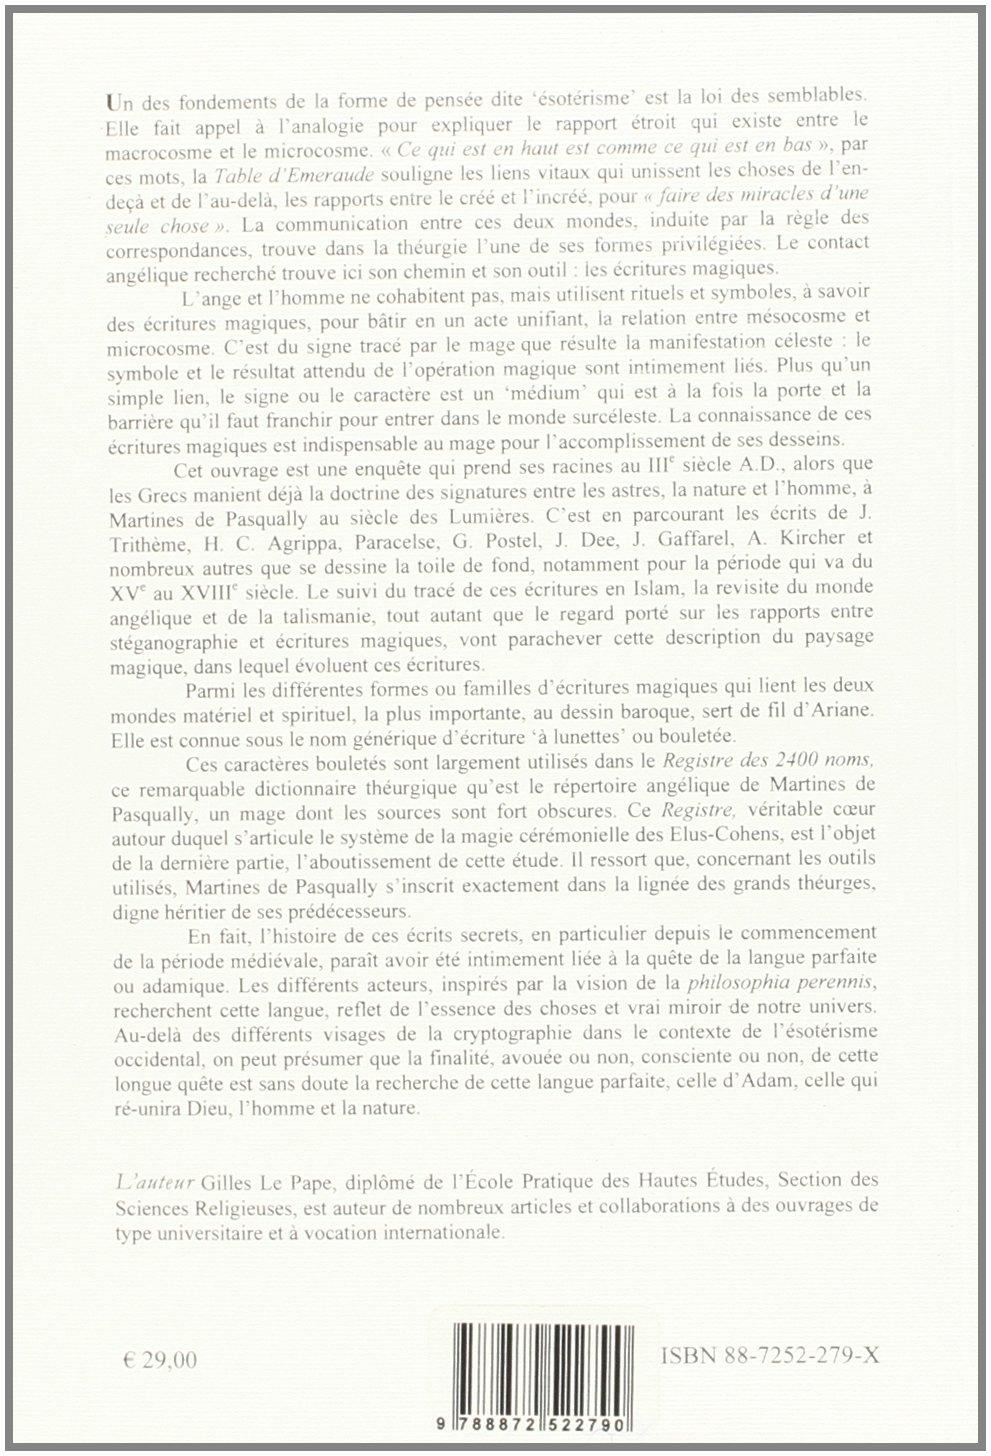 Les Ecritures Magiques 19 décembre 2006 Gilles Le Pape Arche Milan 887252279X TL887252279X Aux Sources du Registre des 2400 Noms dAnges de Martines de Pasqually Broché